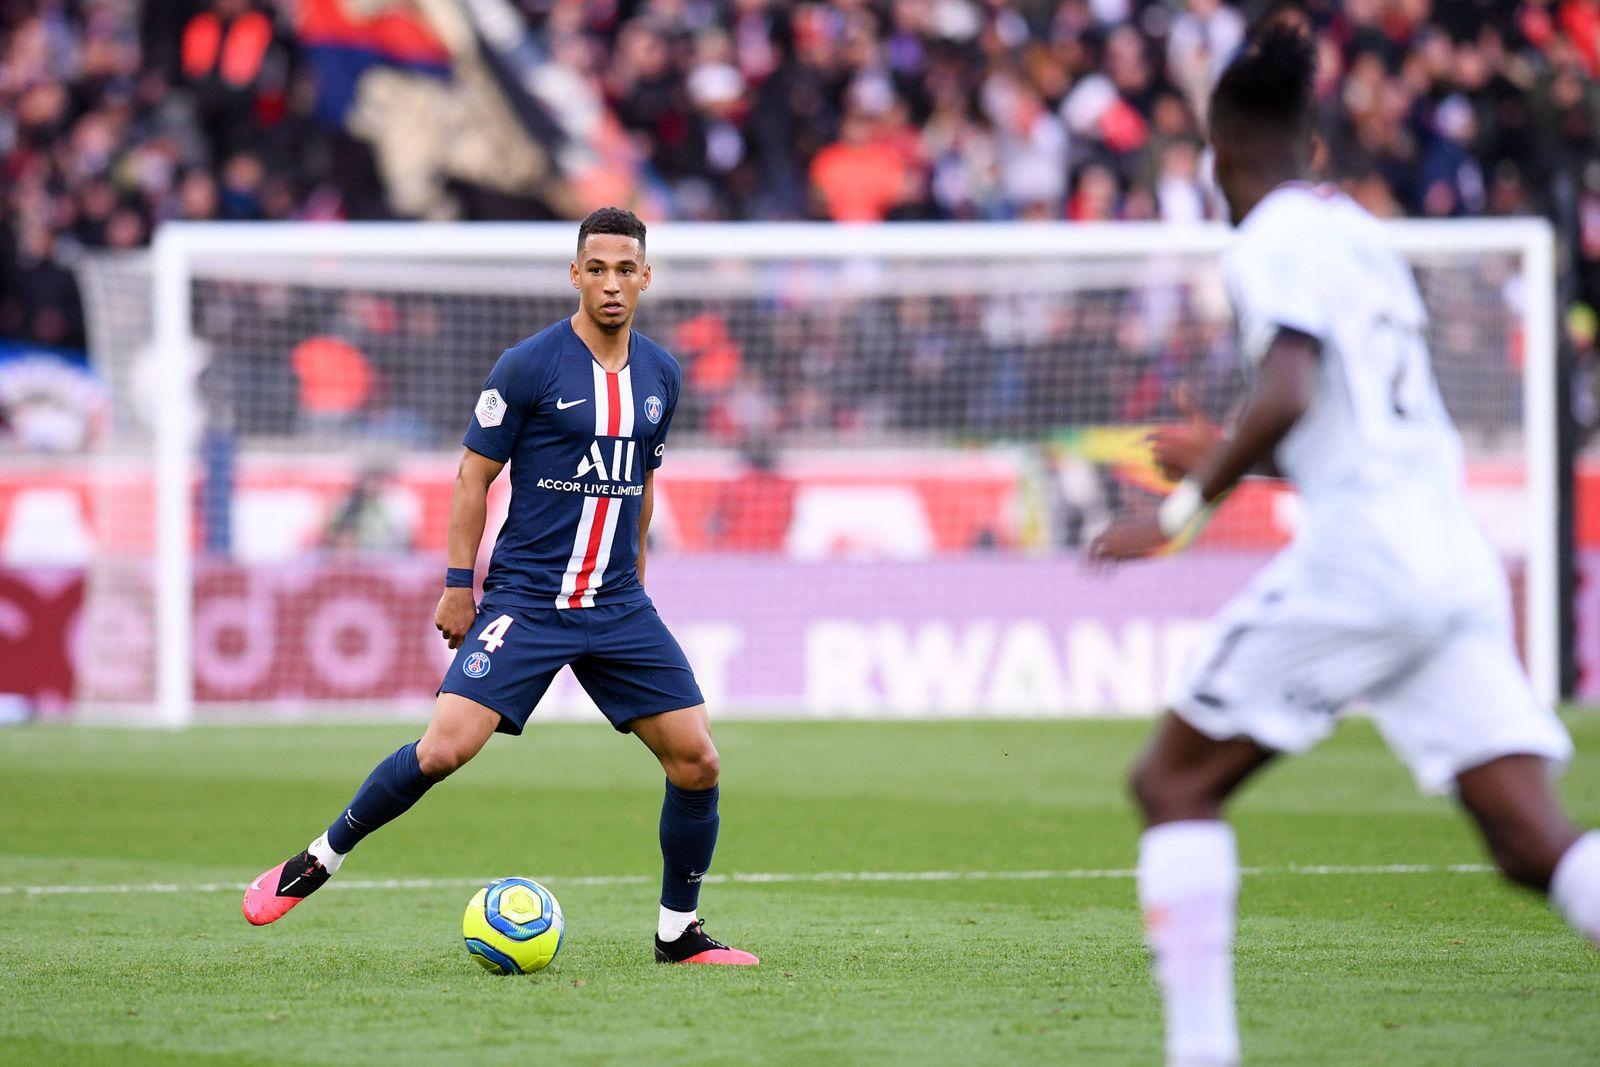 04 THILO KEHRER (PSG) FOOTBALL : Paris SG vs Dijon - Ligue 1 Conforama - 29/02/2020 FEP/Panoramic PUBLICATIONxNOTxINxFRA